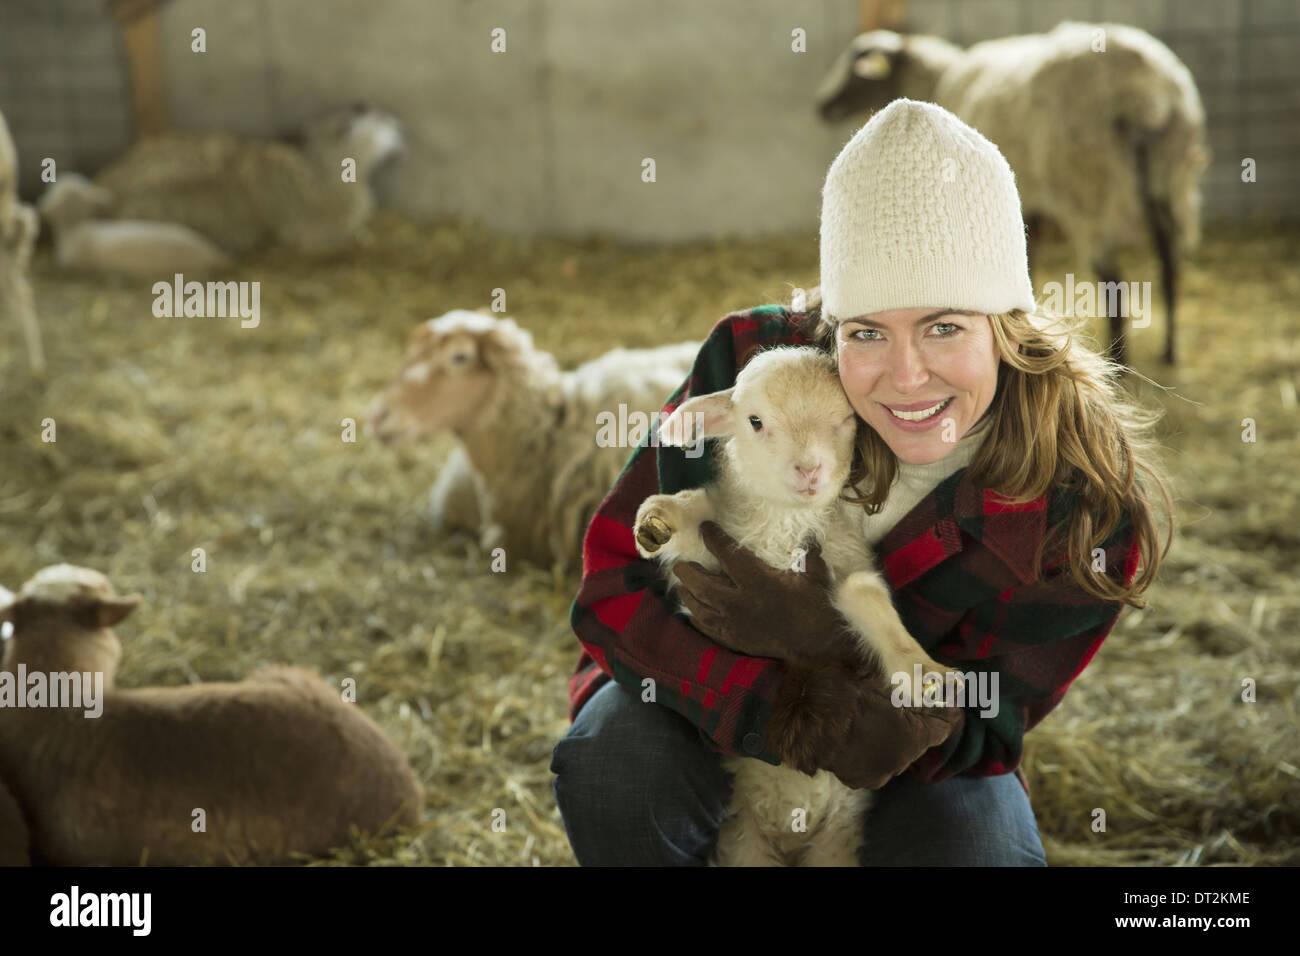 Ein Bio-Bauernhof im Winter im kalten Frühling New York Staat A Familie arbeiten, Fürsorge für die Tiere A Frau hält ein kleines Lamm Stockbild